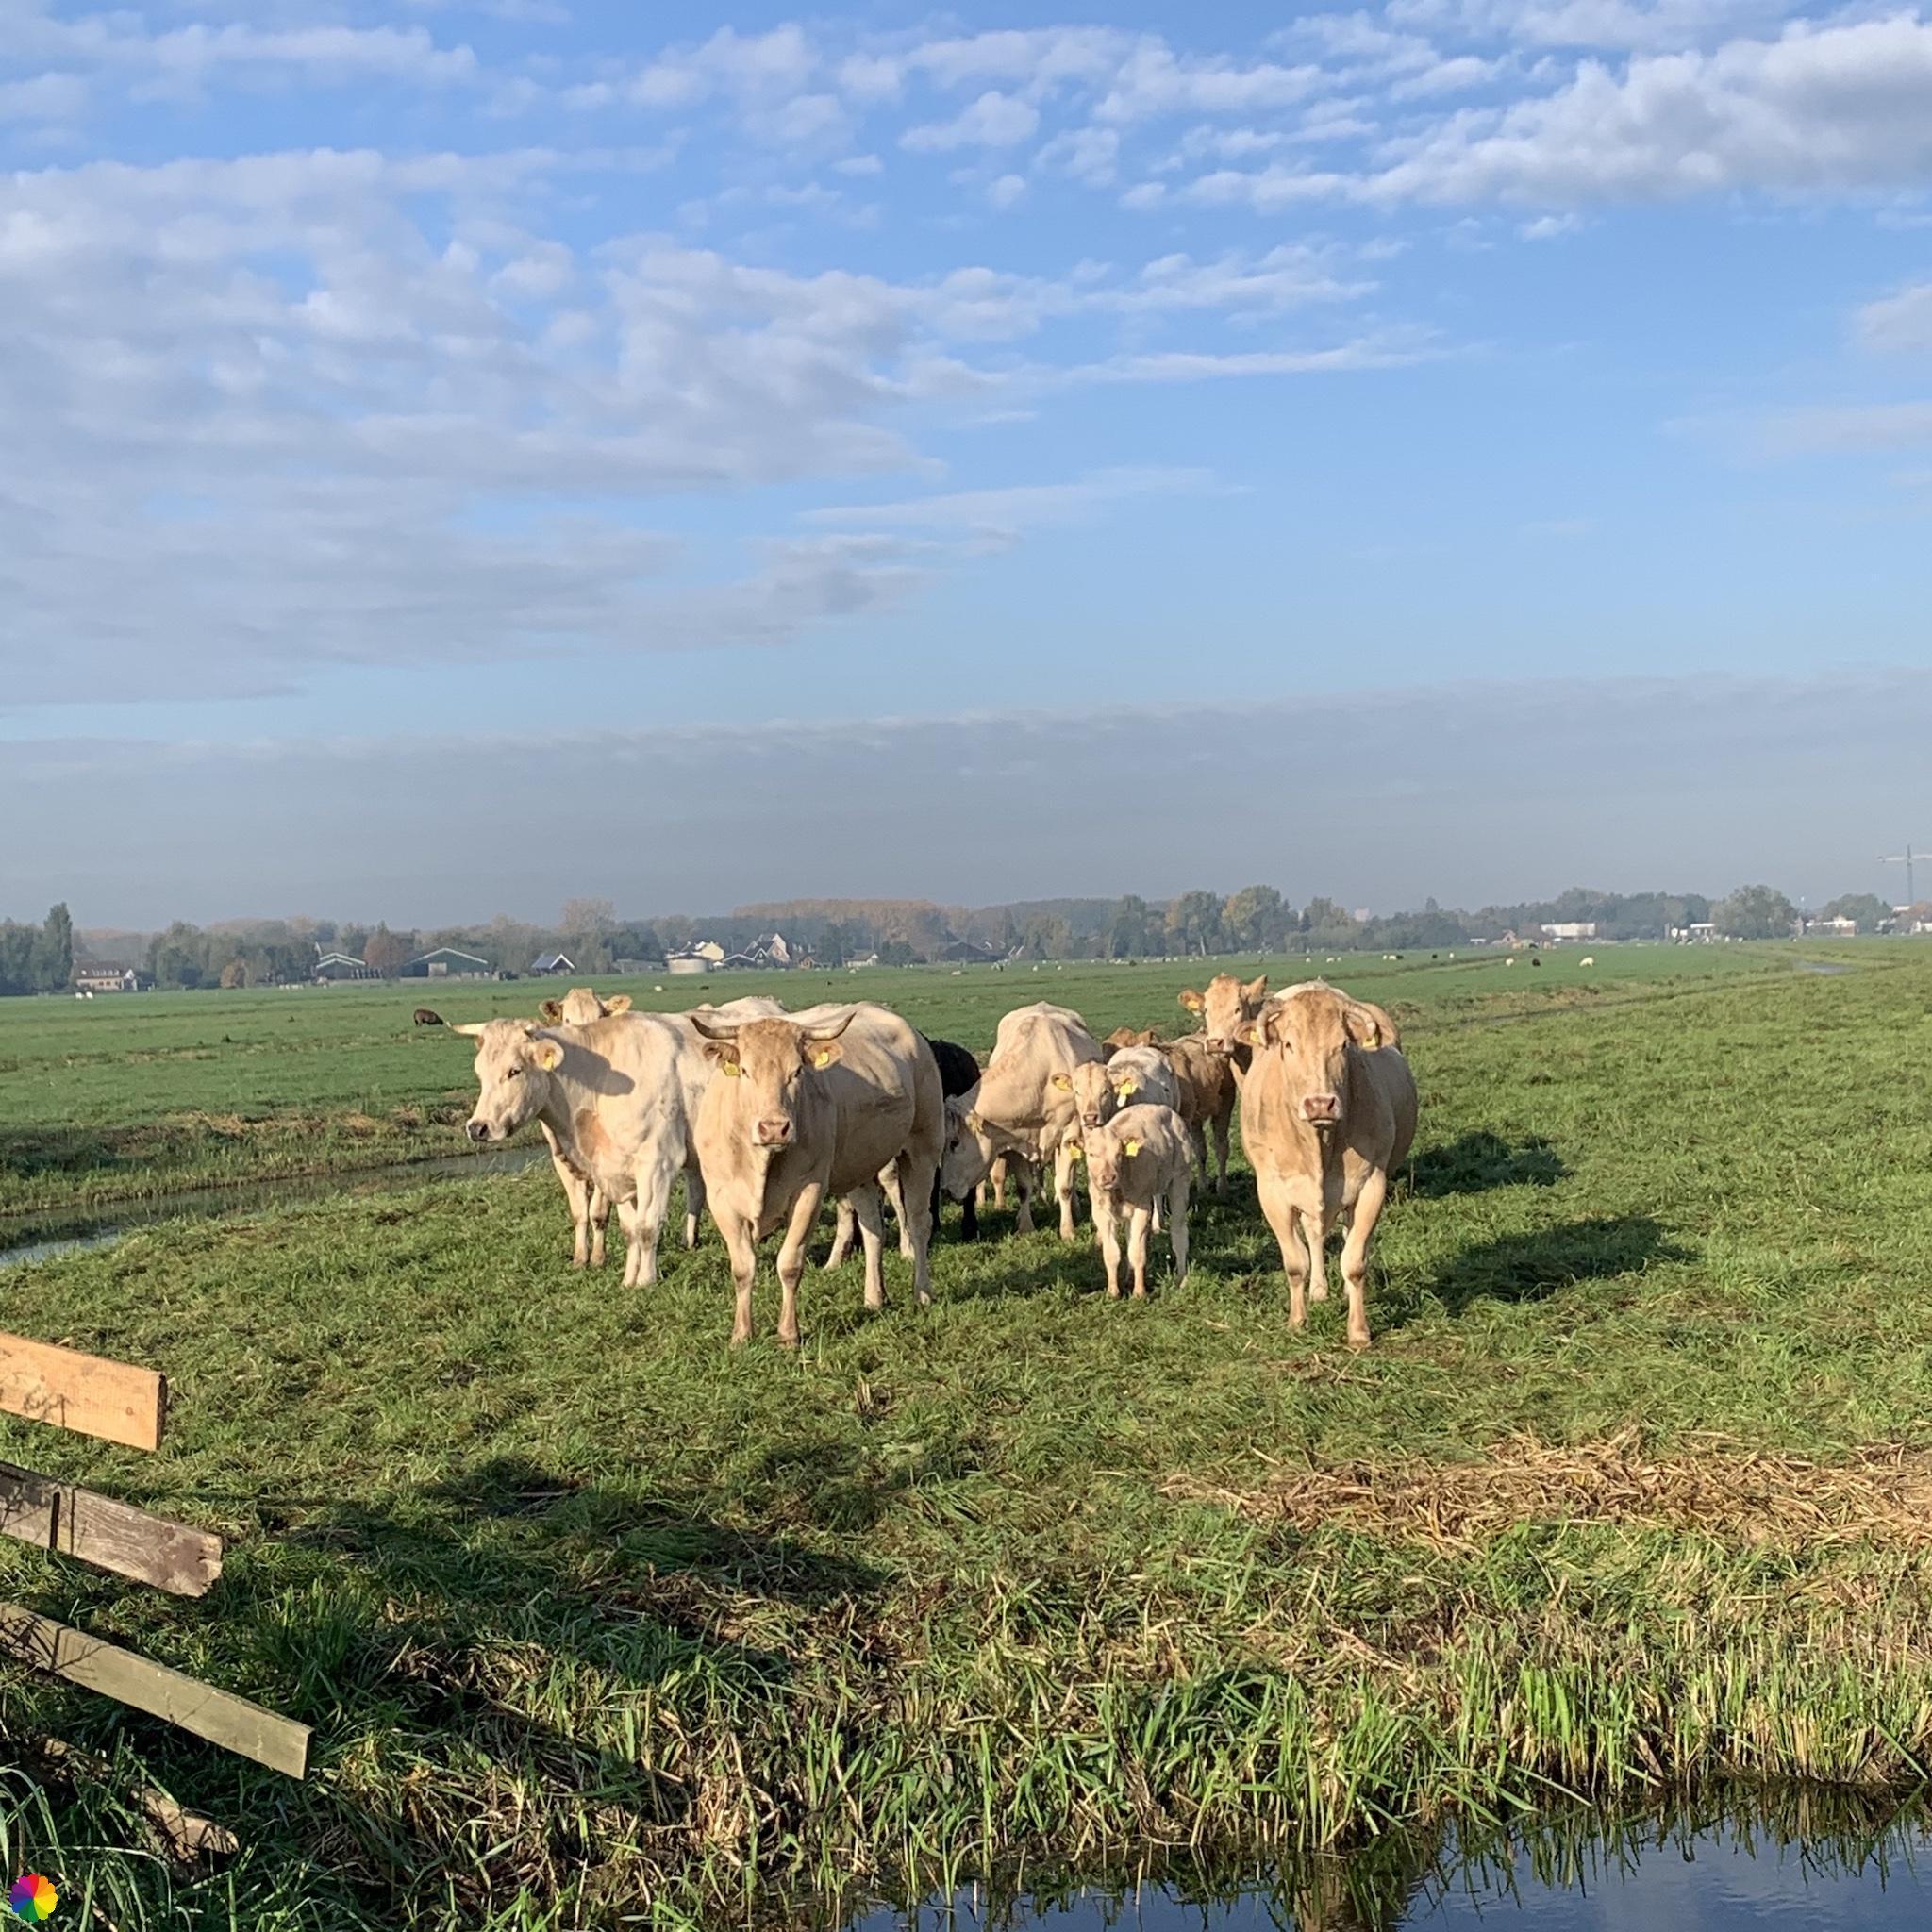 Witte koeien in de wei